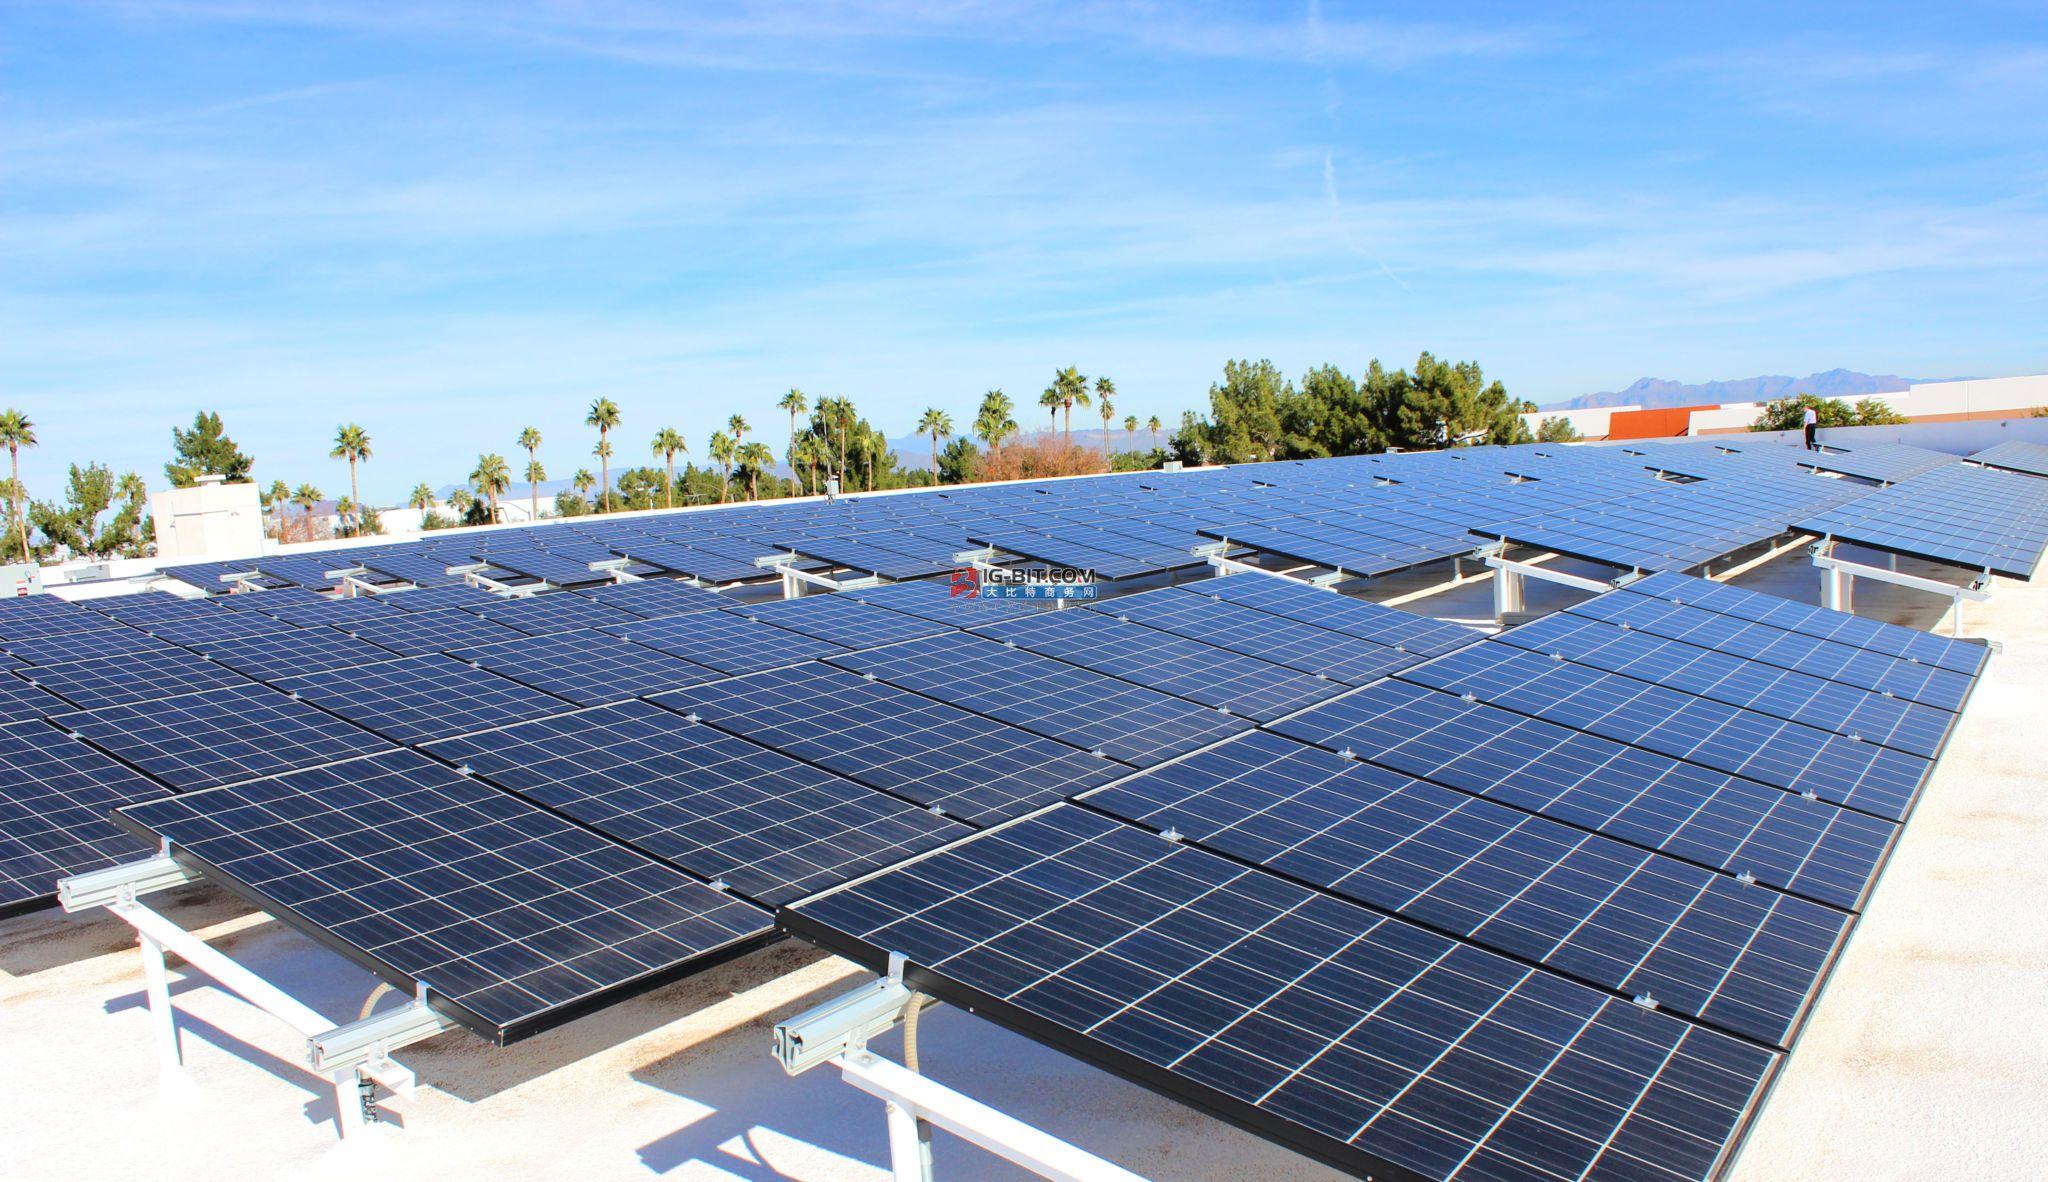 罗马尼亚将拨款投建户用屋顶光伏系统